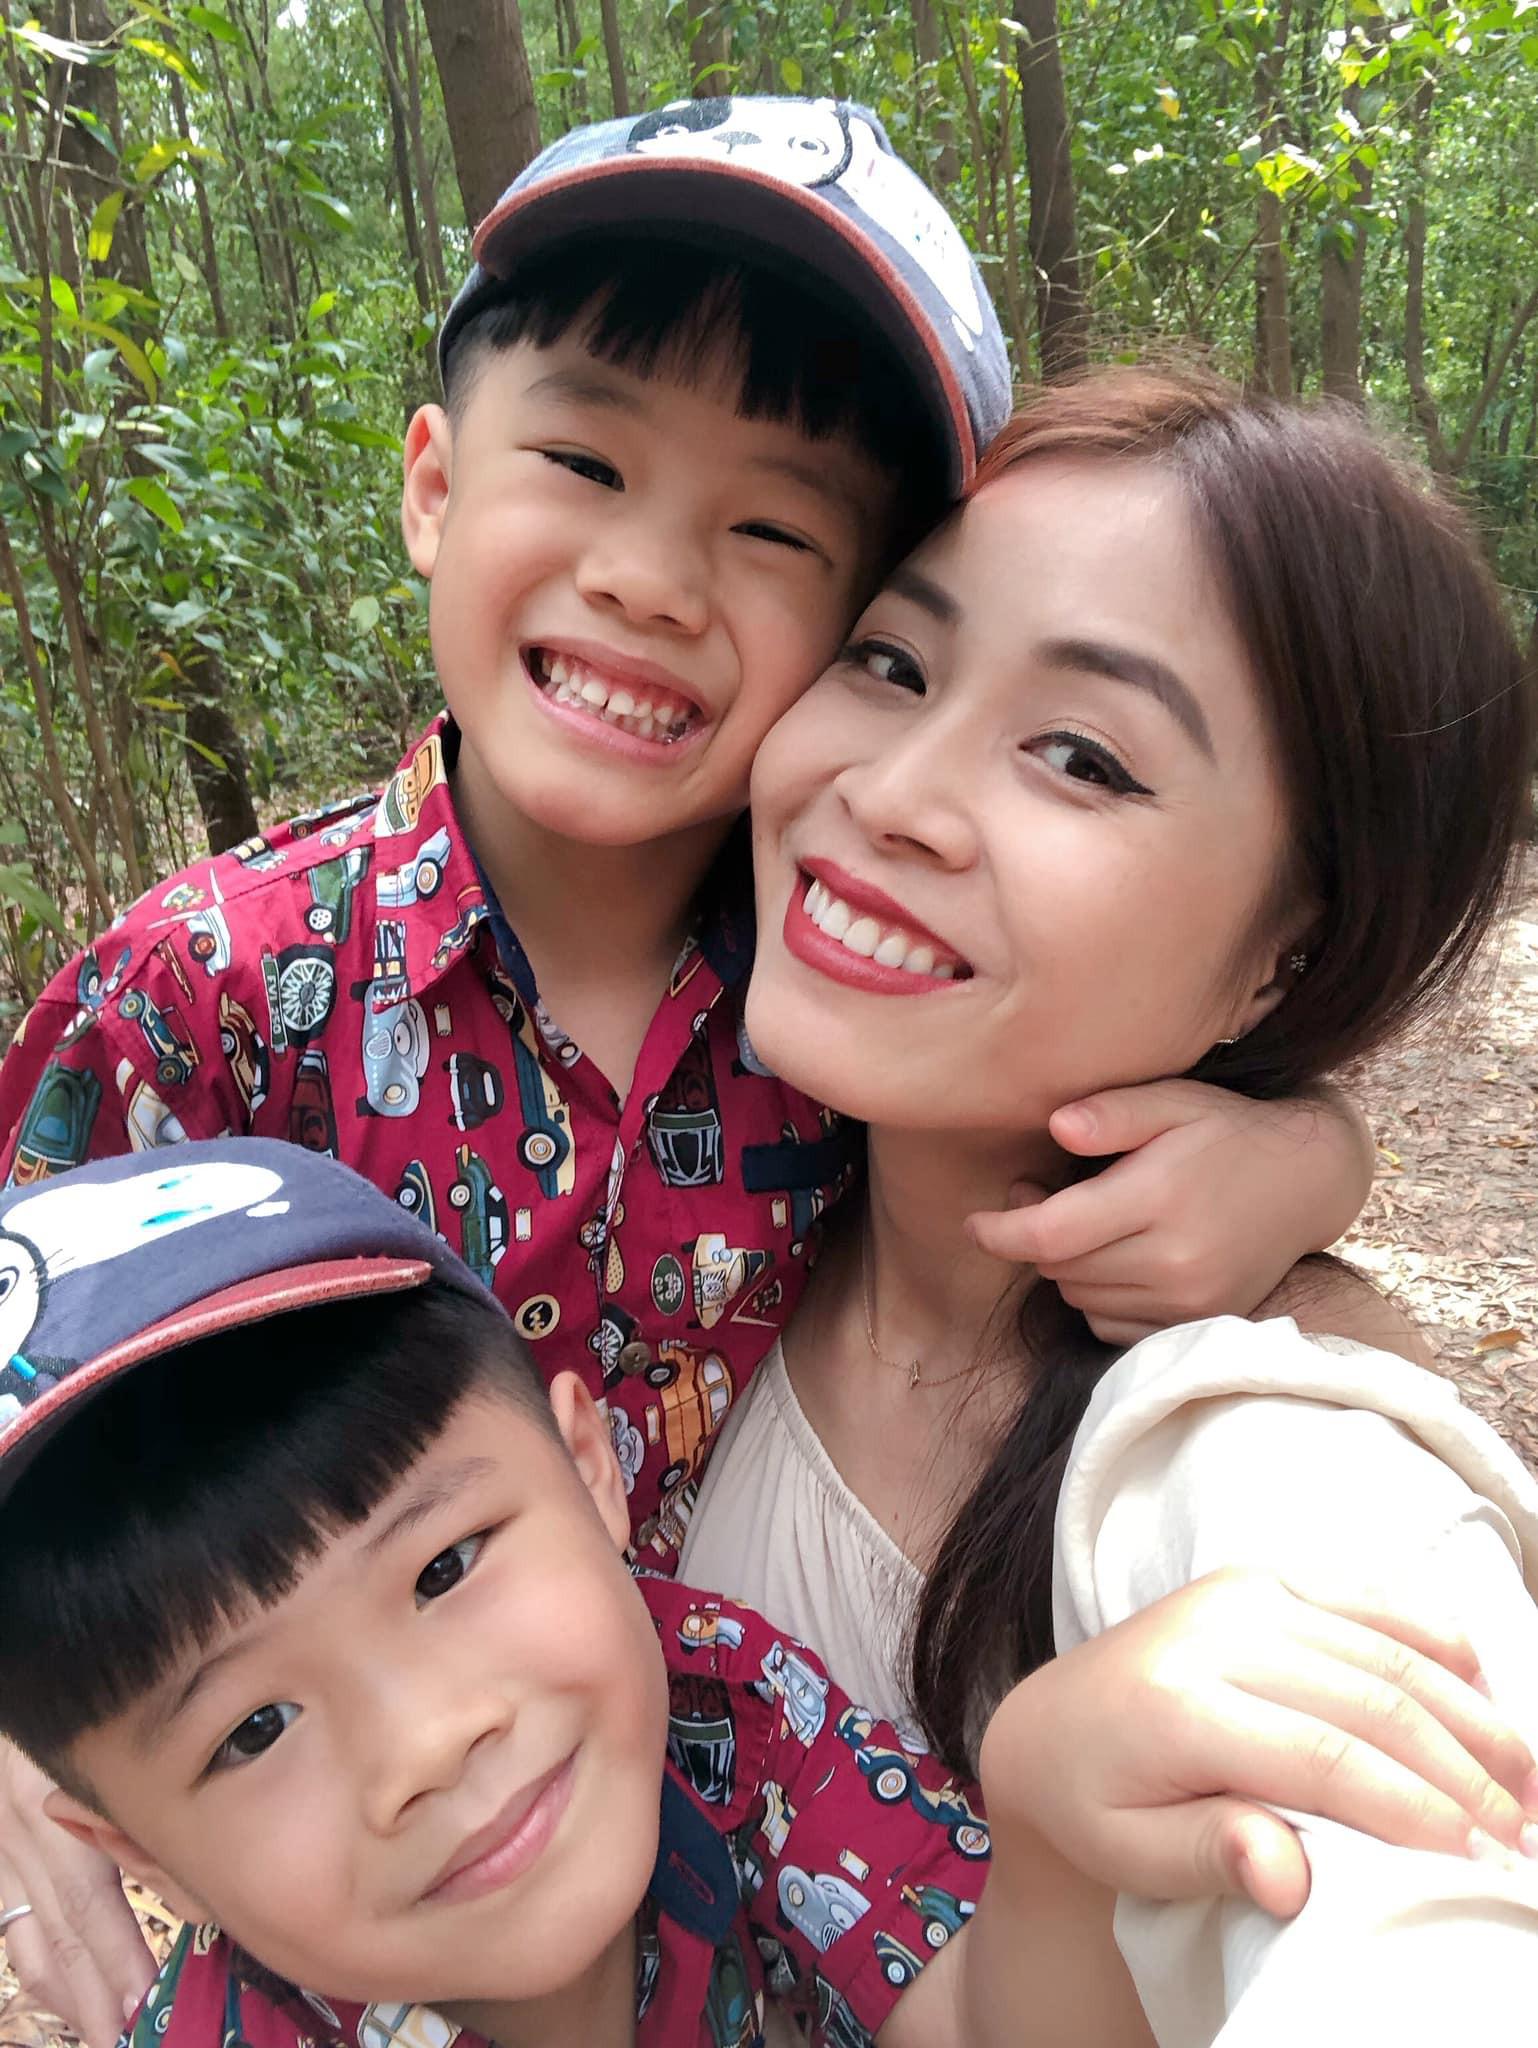 MC Hoàng Linh bất ngờ đăng ảnh chụp cùng chồng sắp cưới nhưng điều này mới được dân mạng chú ý hơn cả-2